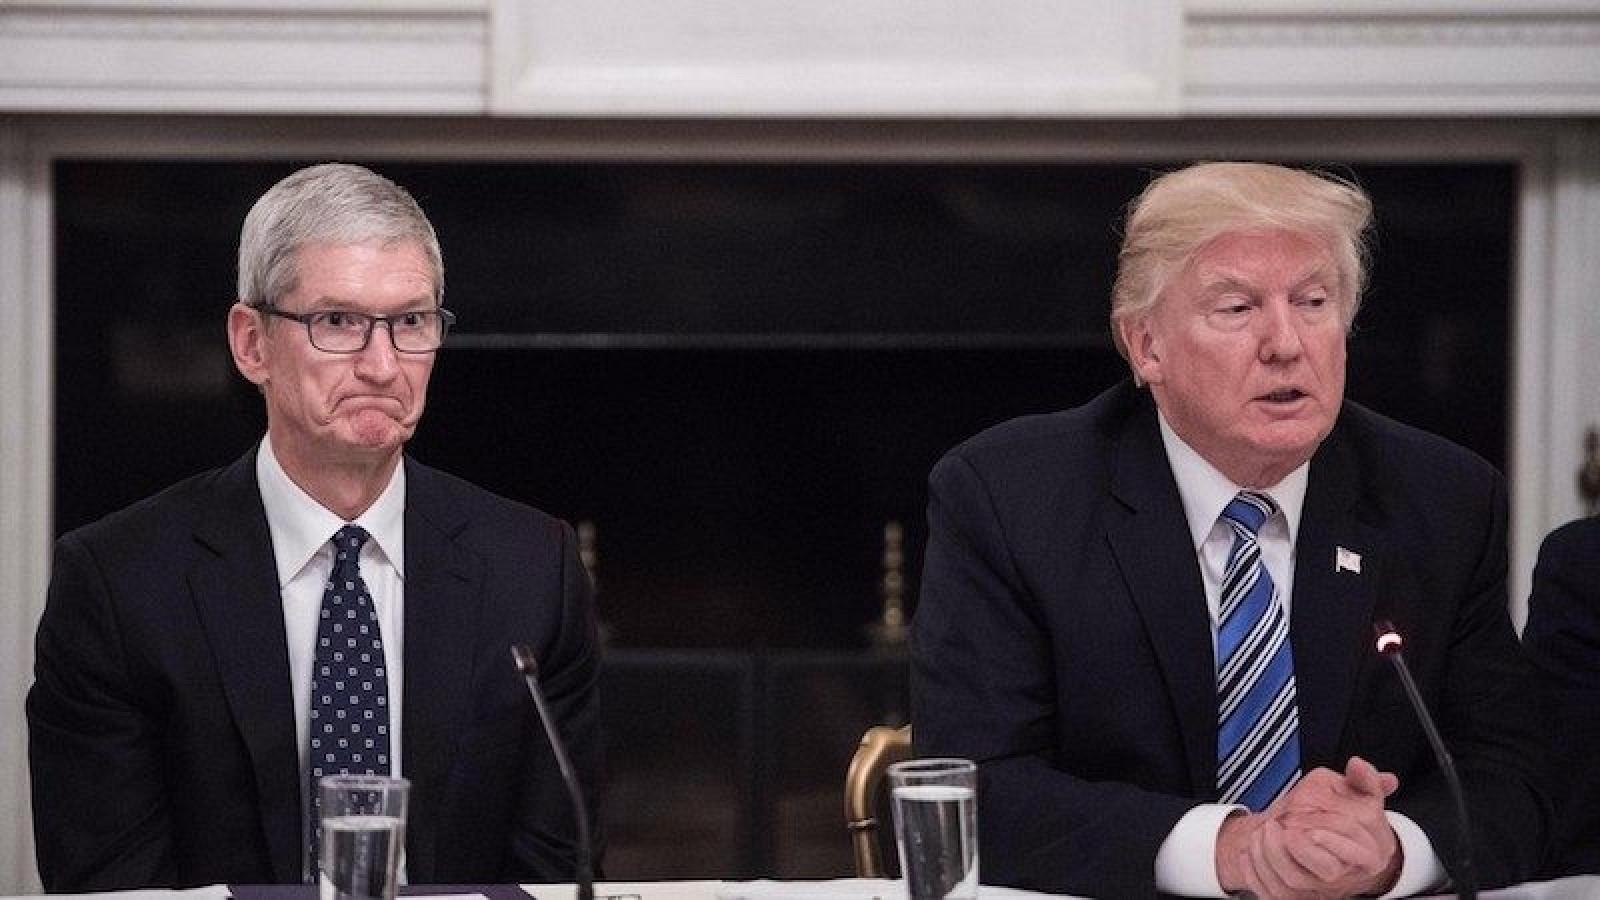 Donald Trump et Tim Cook discutent des taxes sur l'importation de produits chinois